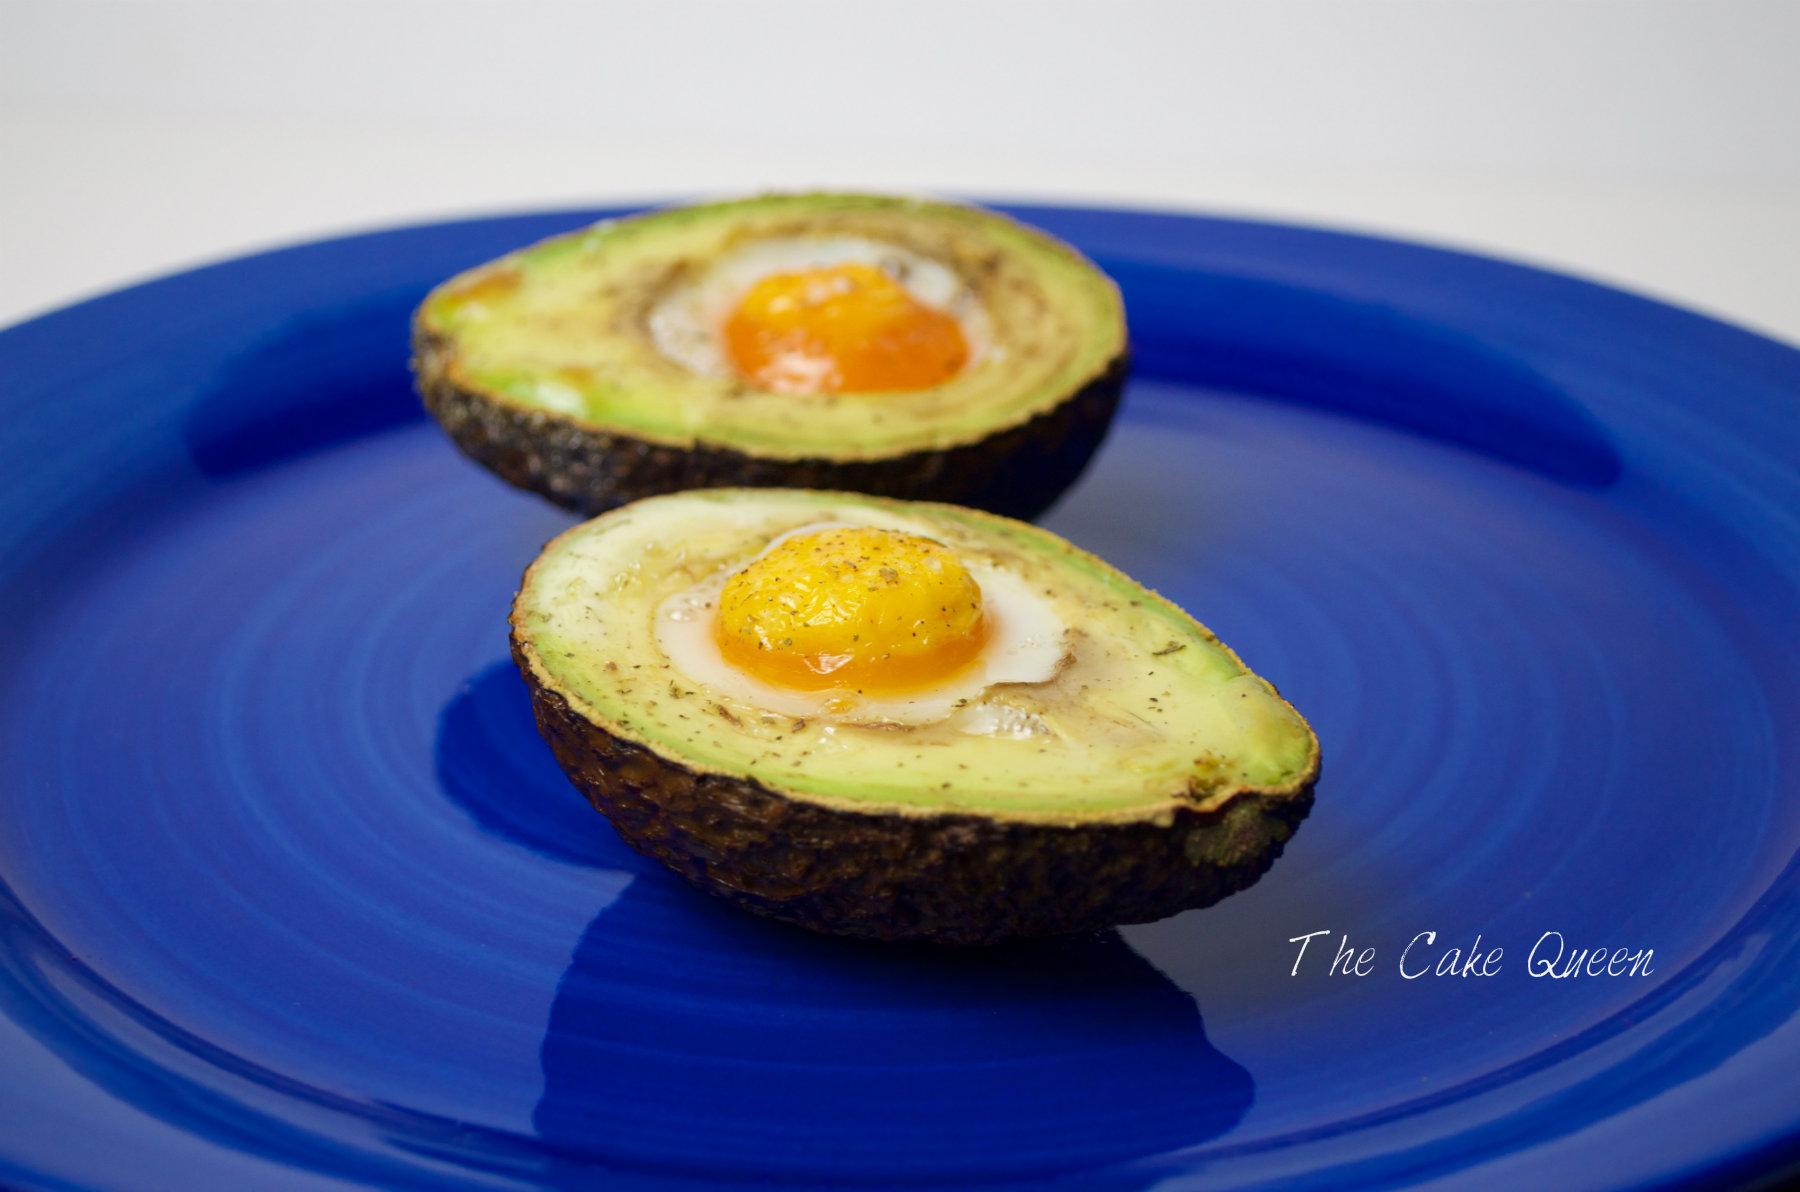 Aguacate y huevo un desayuno o entrante delicioso